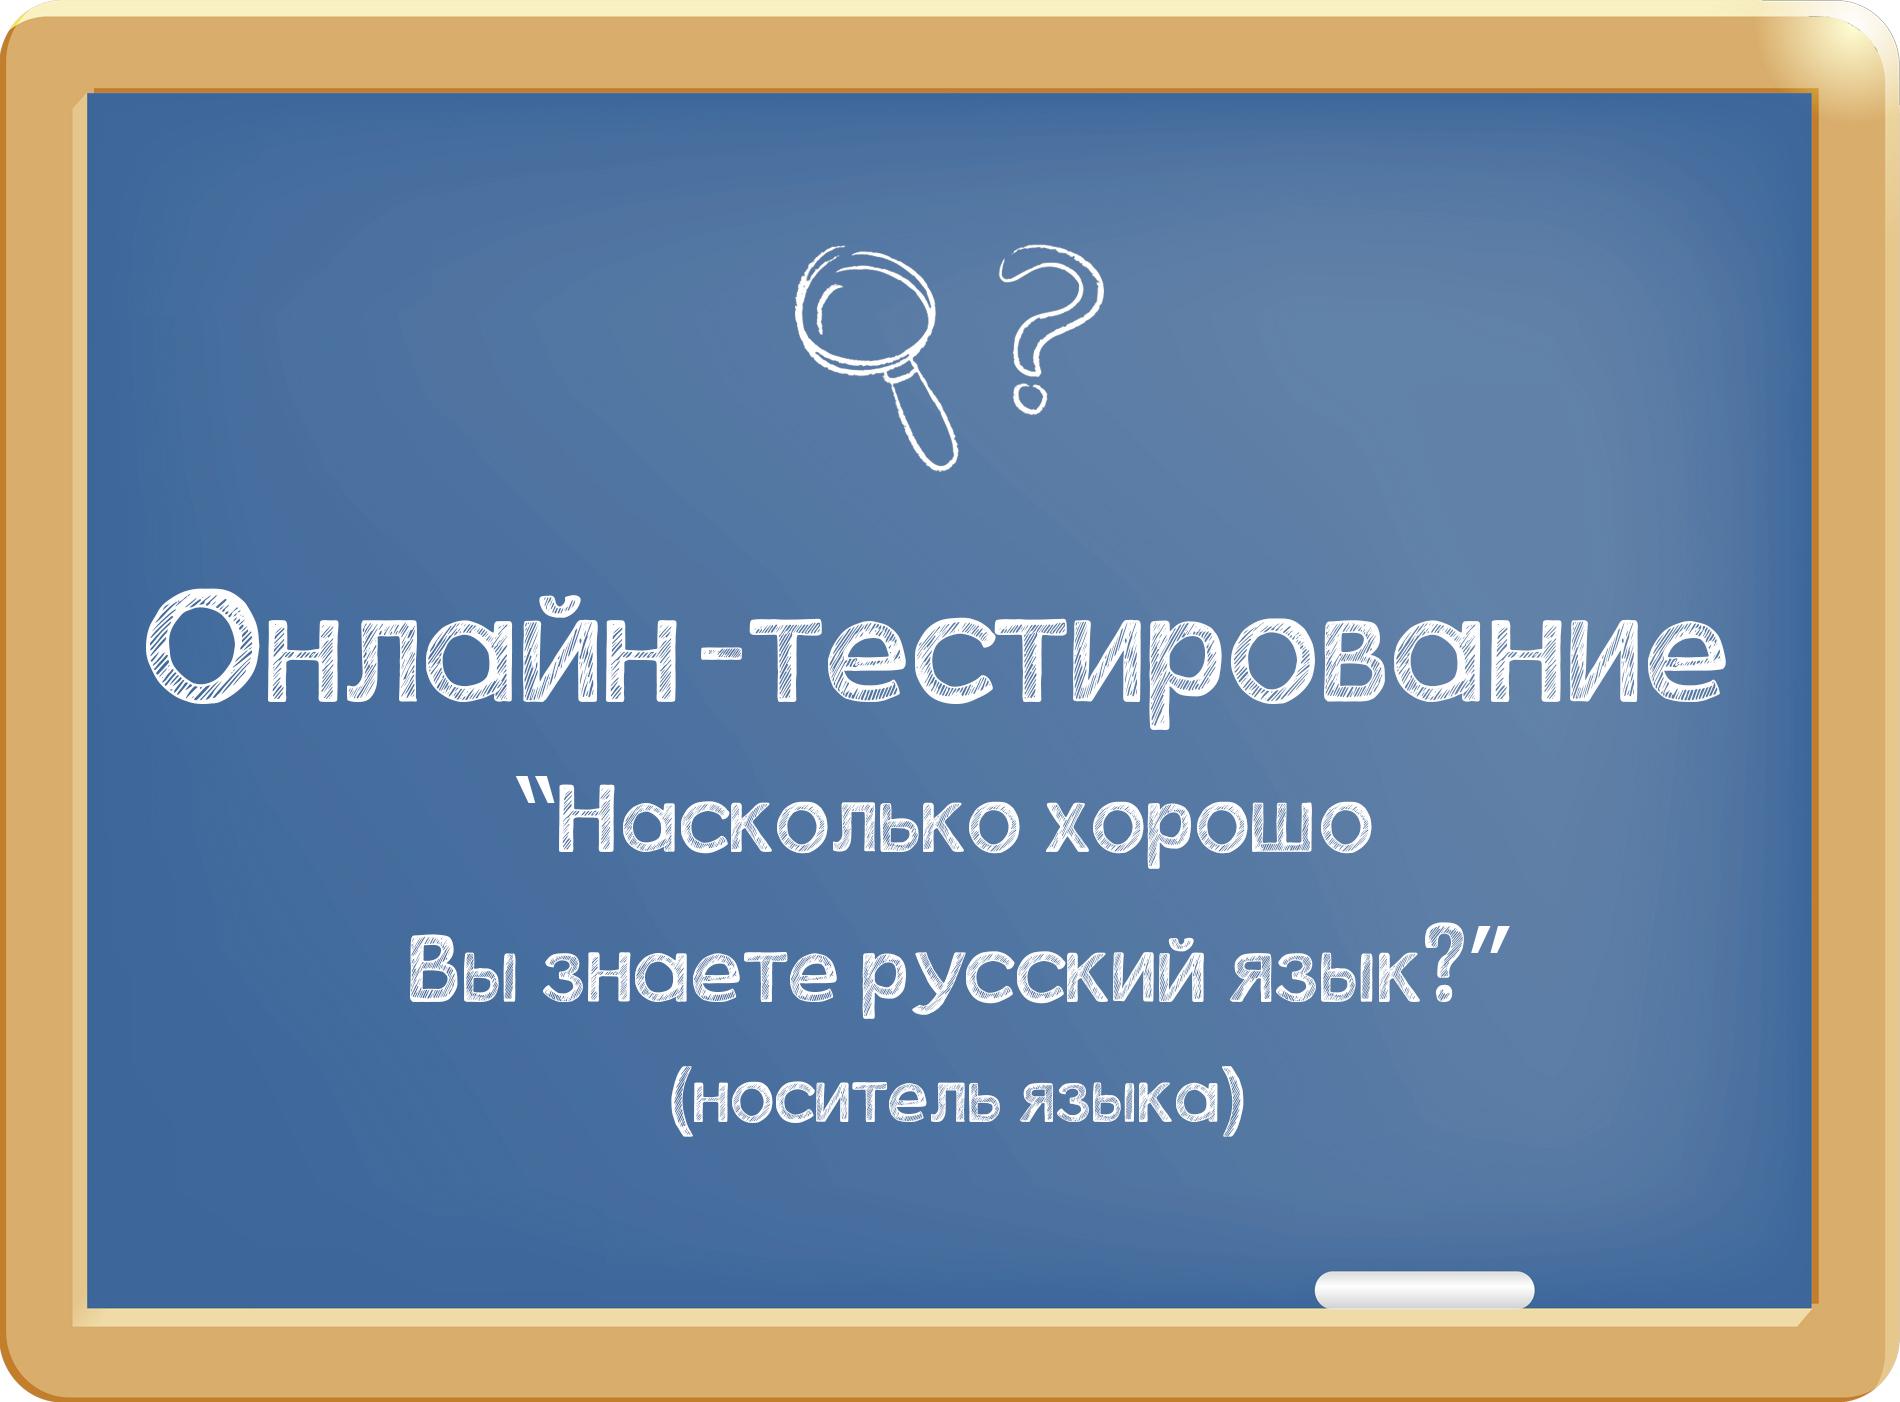 """Course Image Онлайн-тестирование """"Насколько хорошо Вы знаете русский язык?"""" (Носитель языка)"""